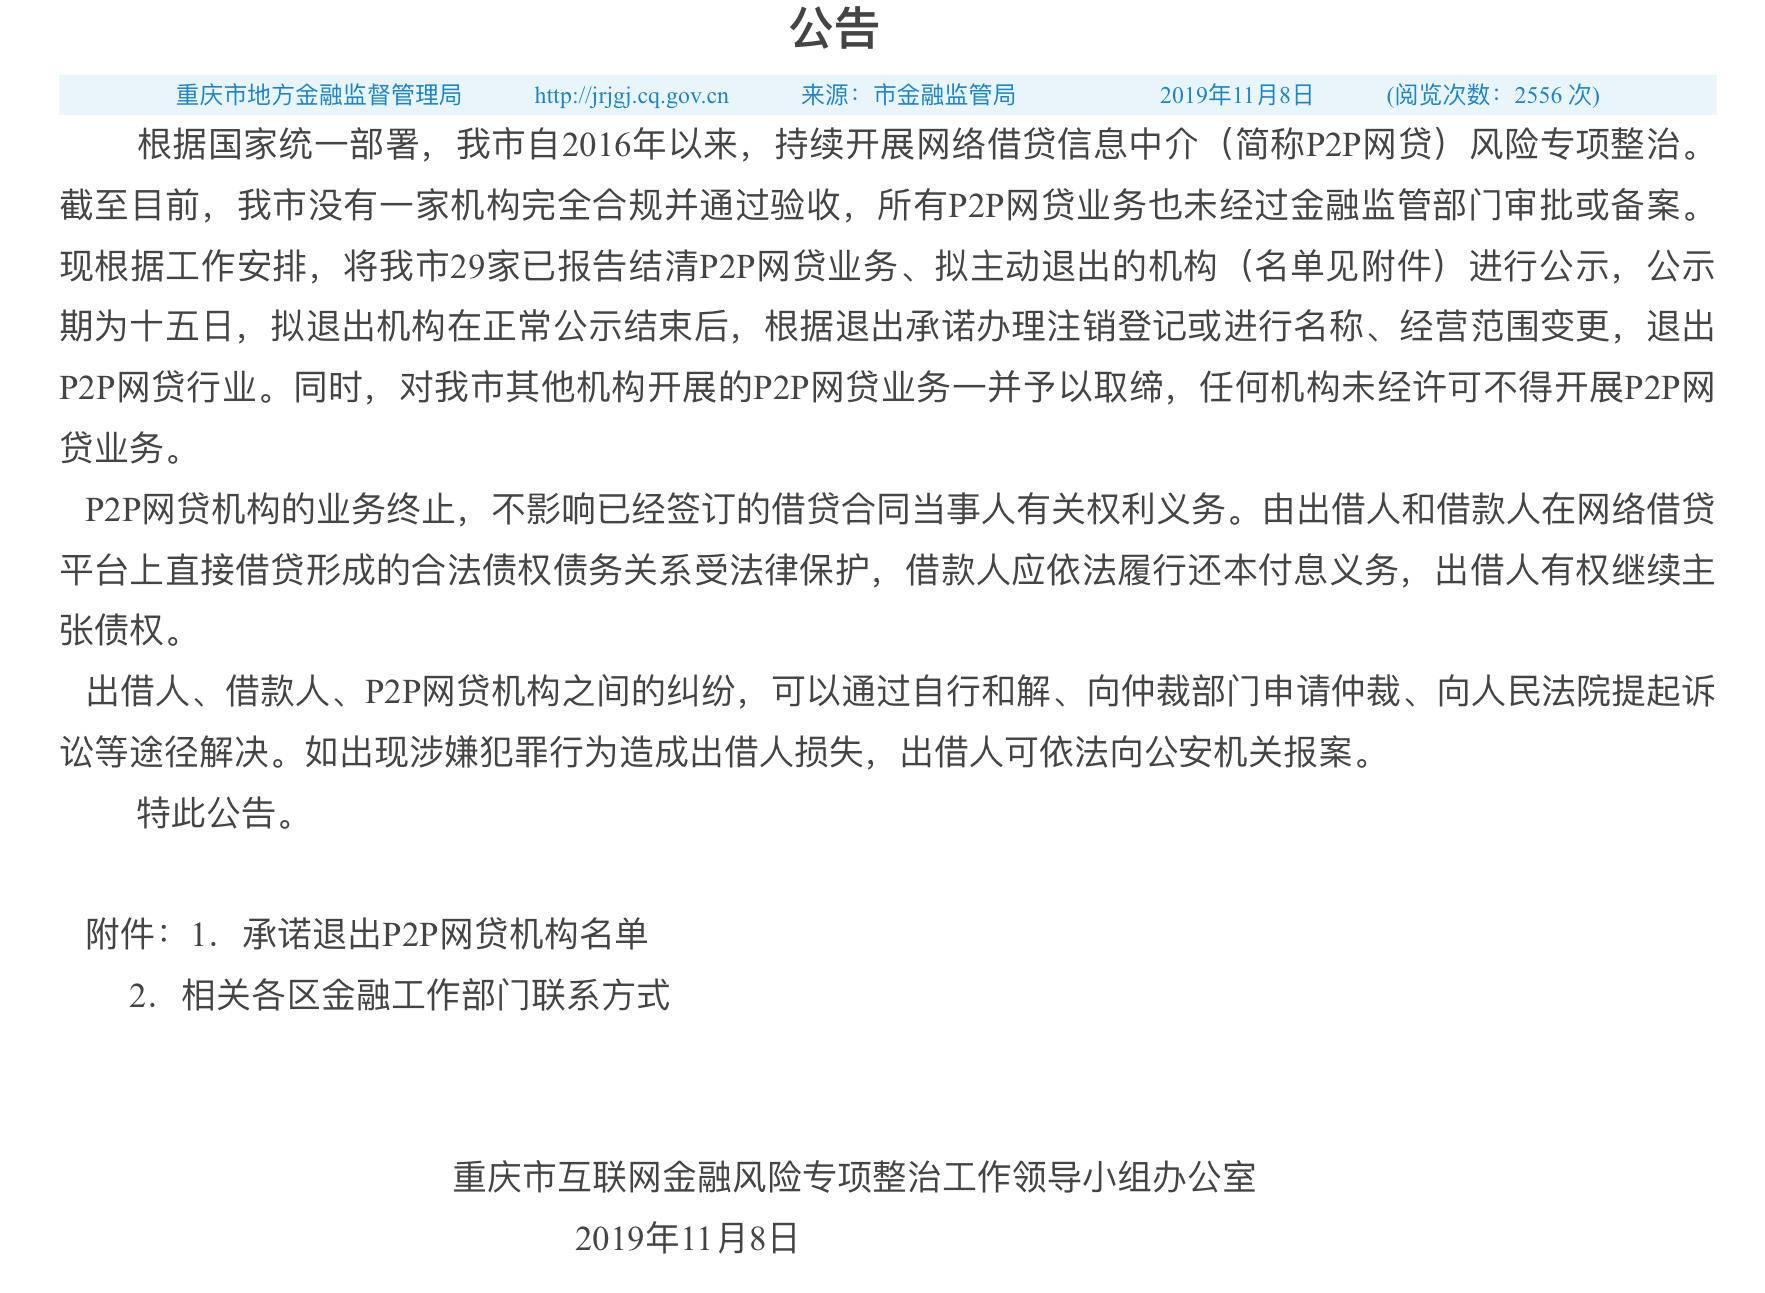 重庆取缔P2P:公示29家拟退出名单含多家国资背景平台